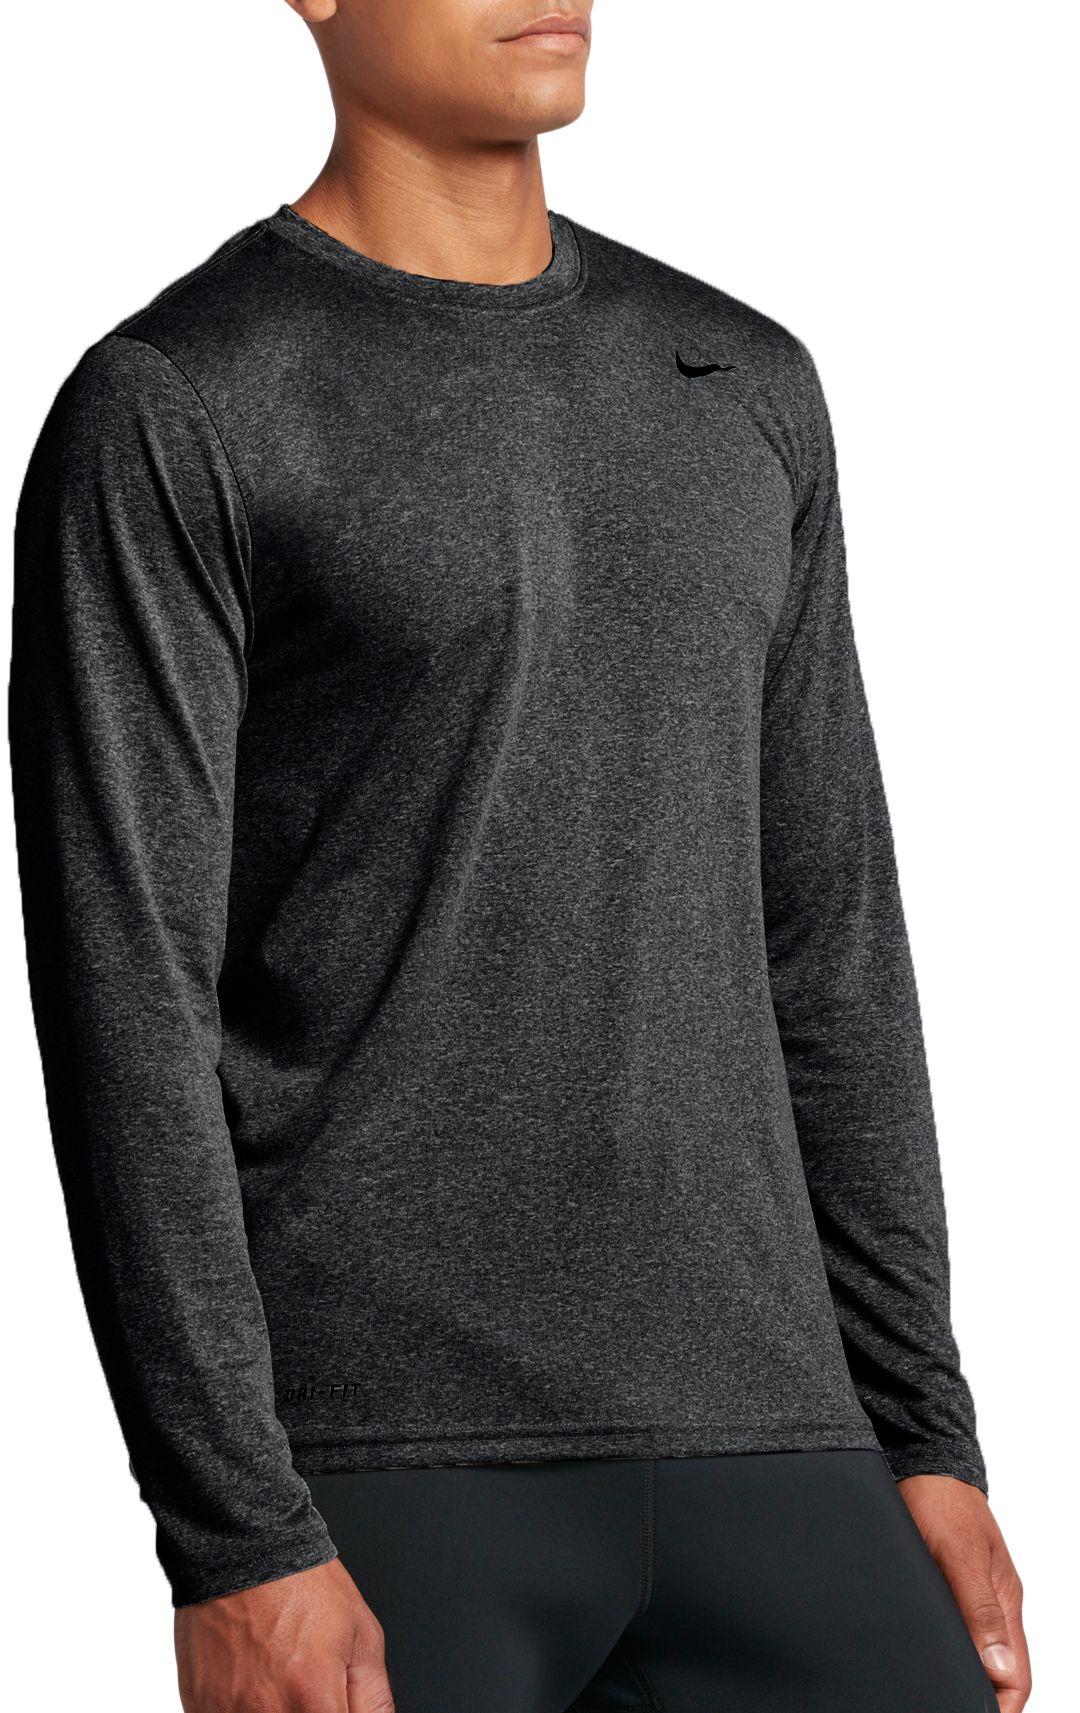 a55cb6a38552 Nike Men's Legend Long Sleeve Shirt. noImageFound. Previous